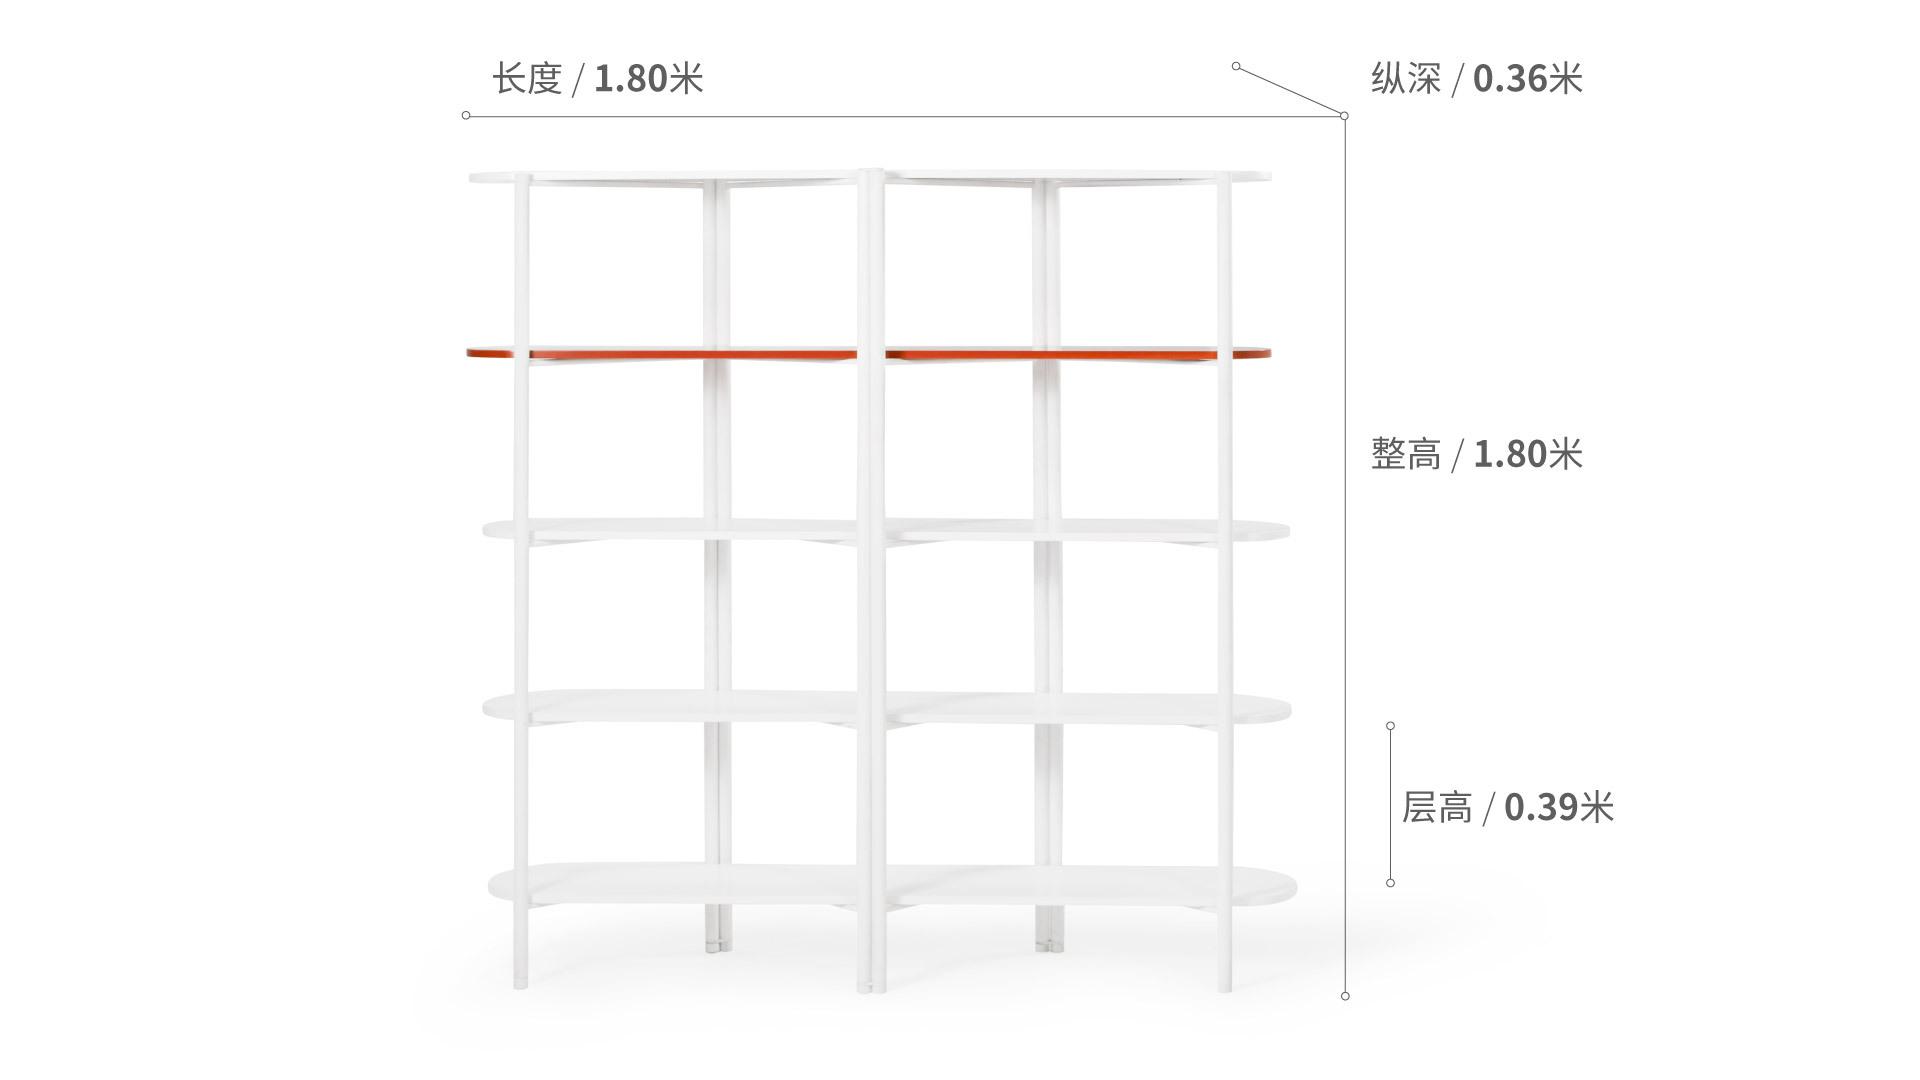 冲浪板置物架五层1.8米版柜架效果图